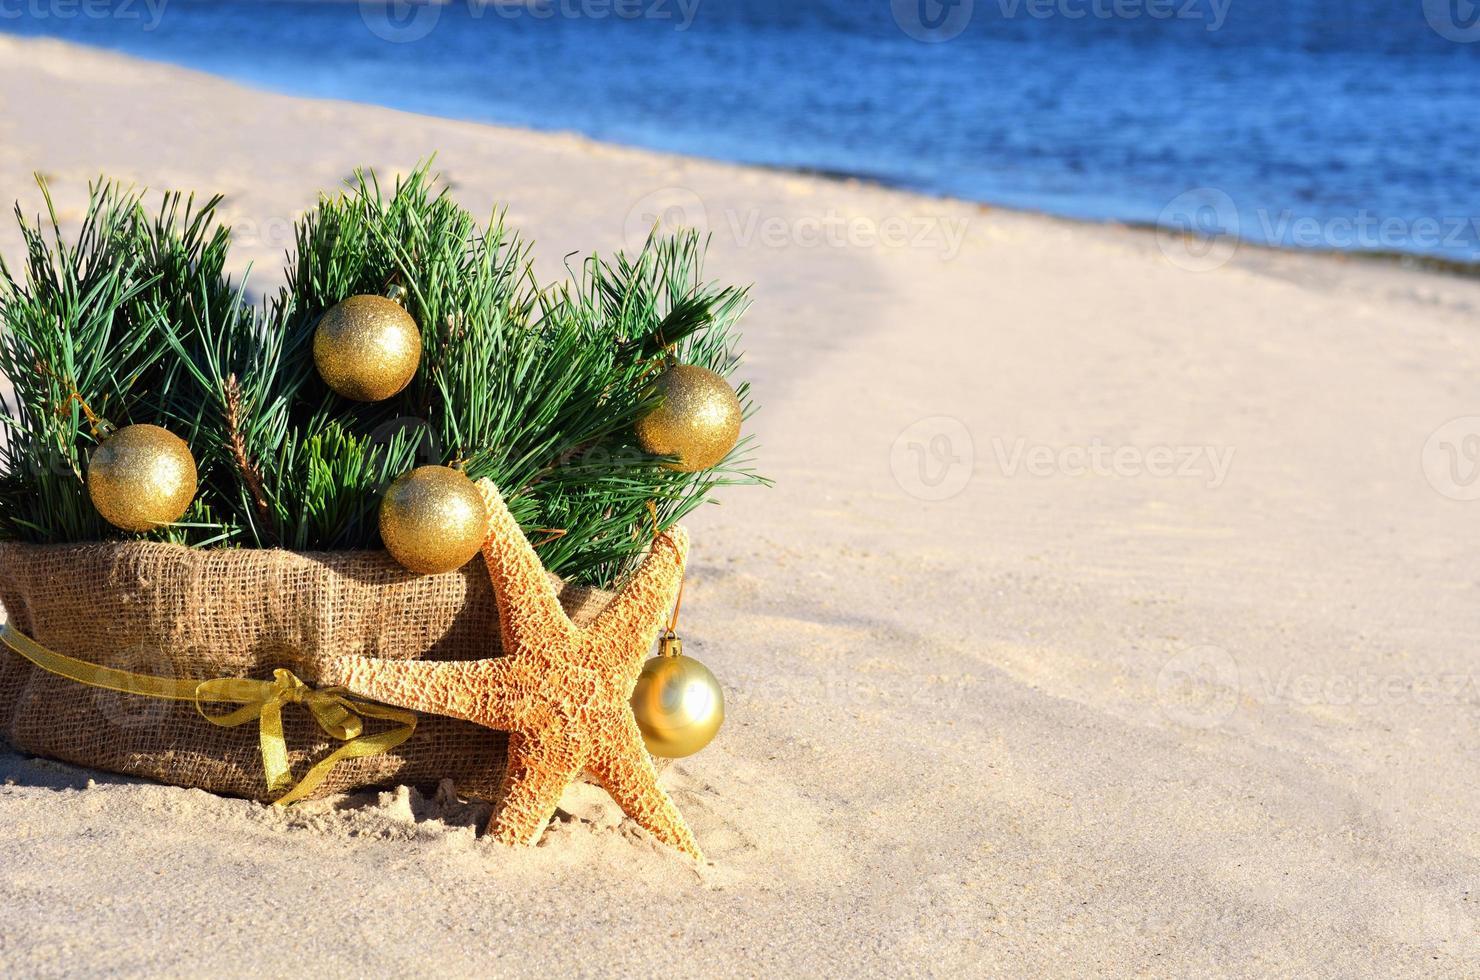 kerstboom met gouden kerstballen, zeester op zand, strand foto